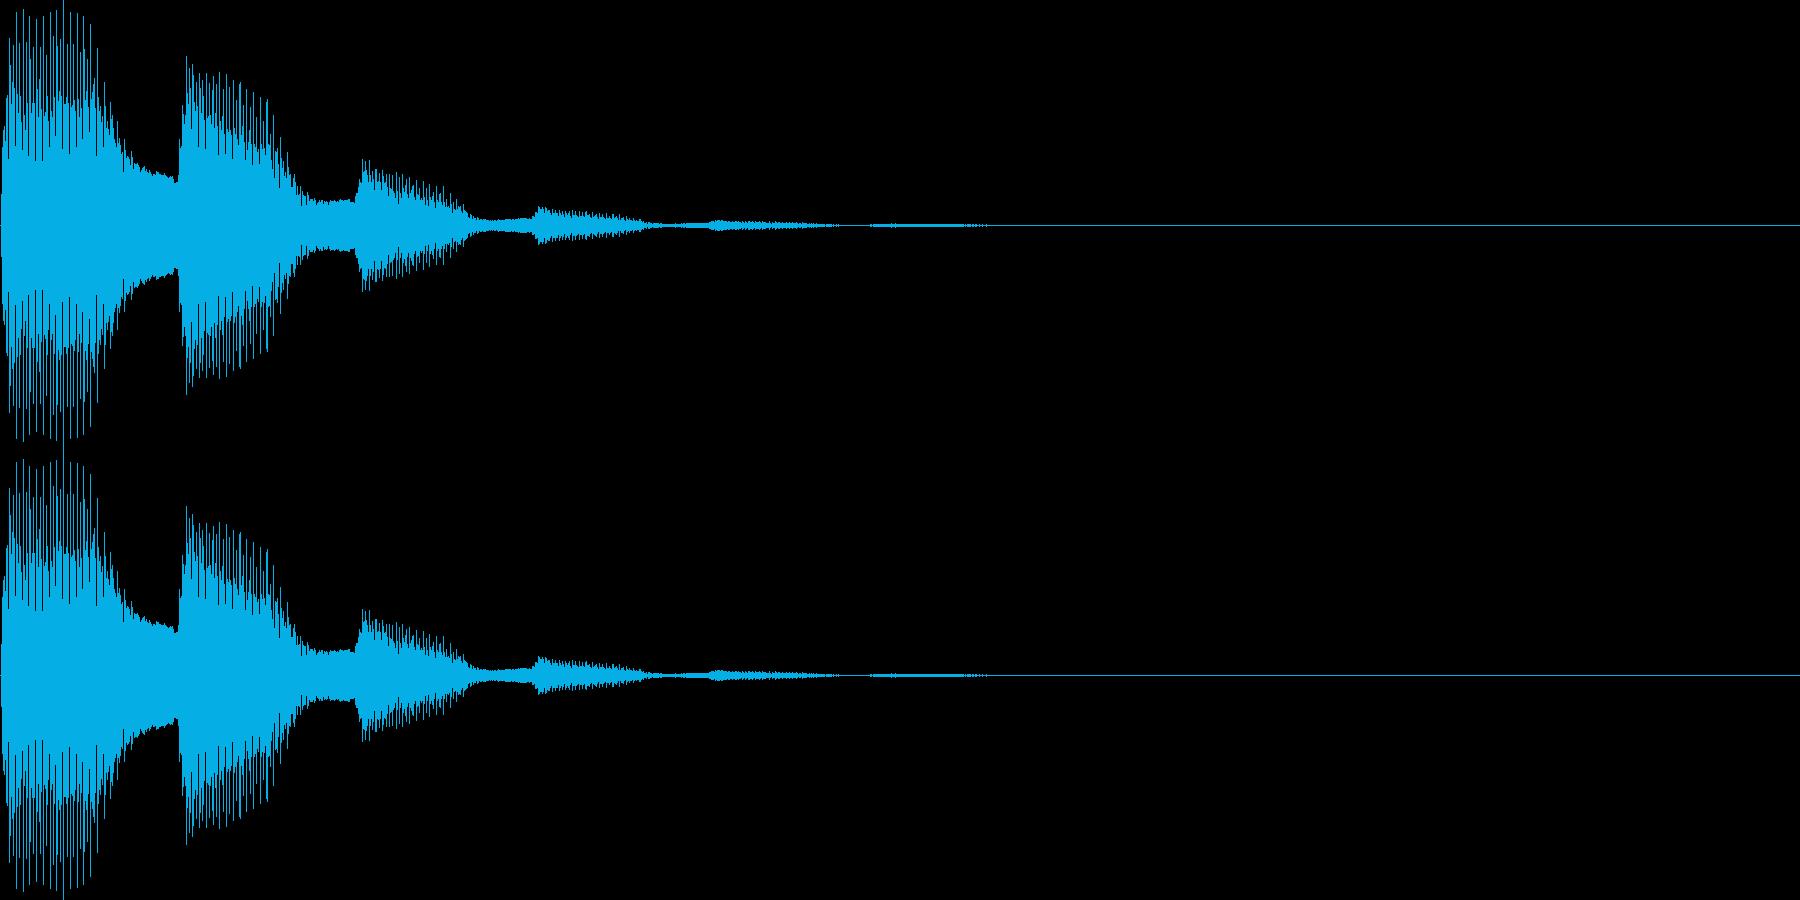 ピピン(表示、キャンセル、ボタン)の再生済みの波形